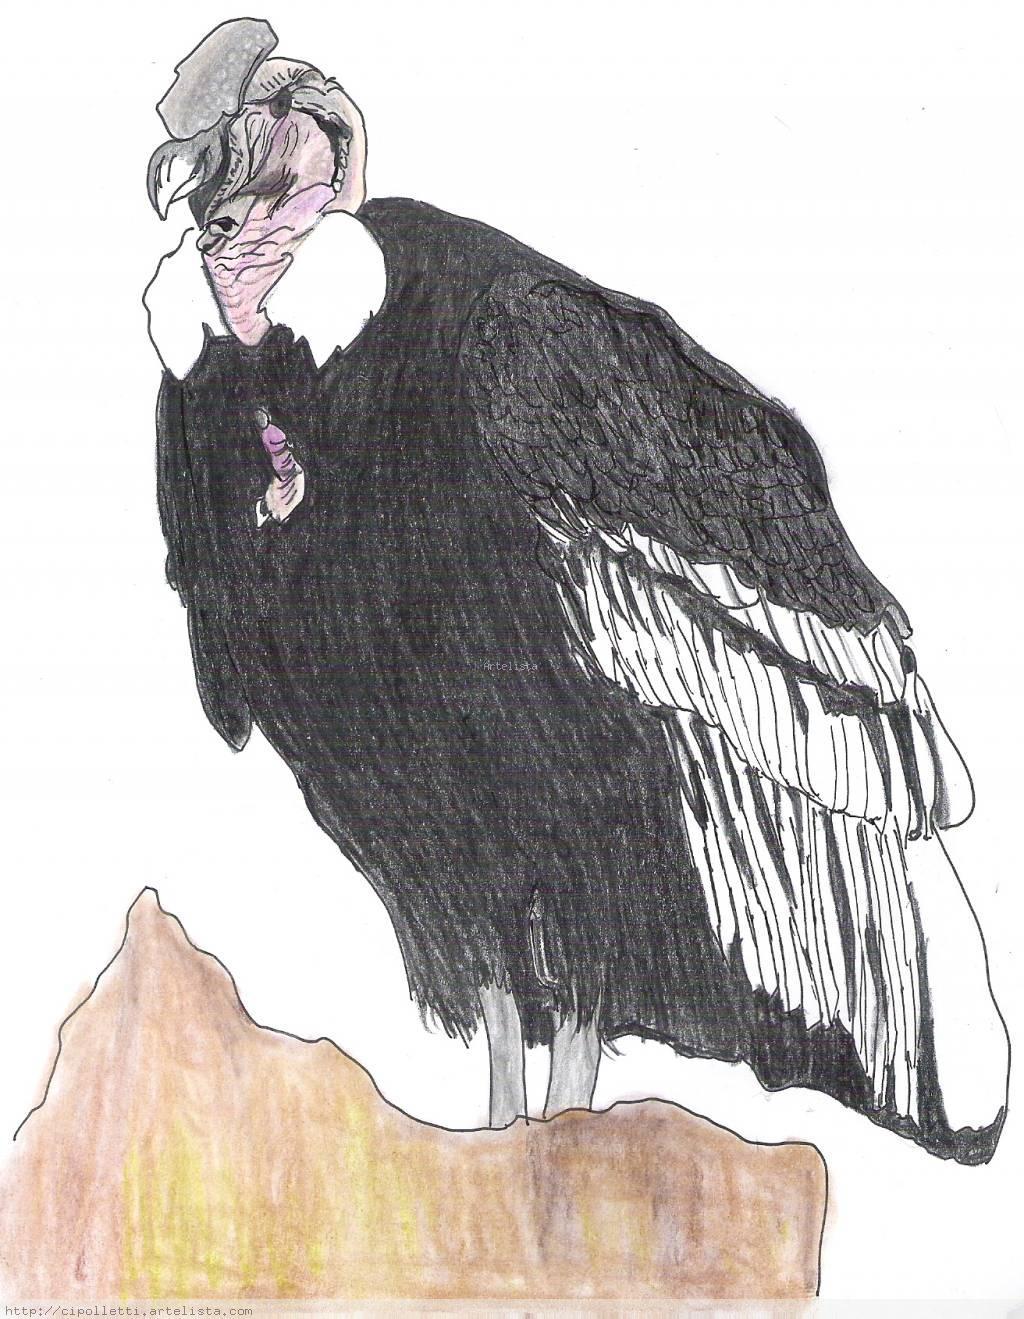 Aves patagonicas condor graciela monica candia for Colores condor